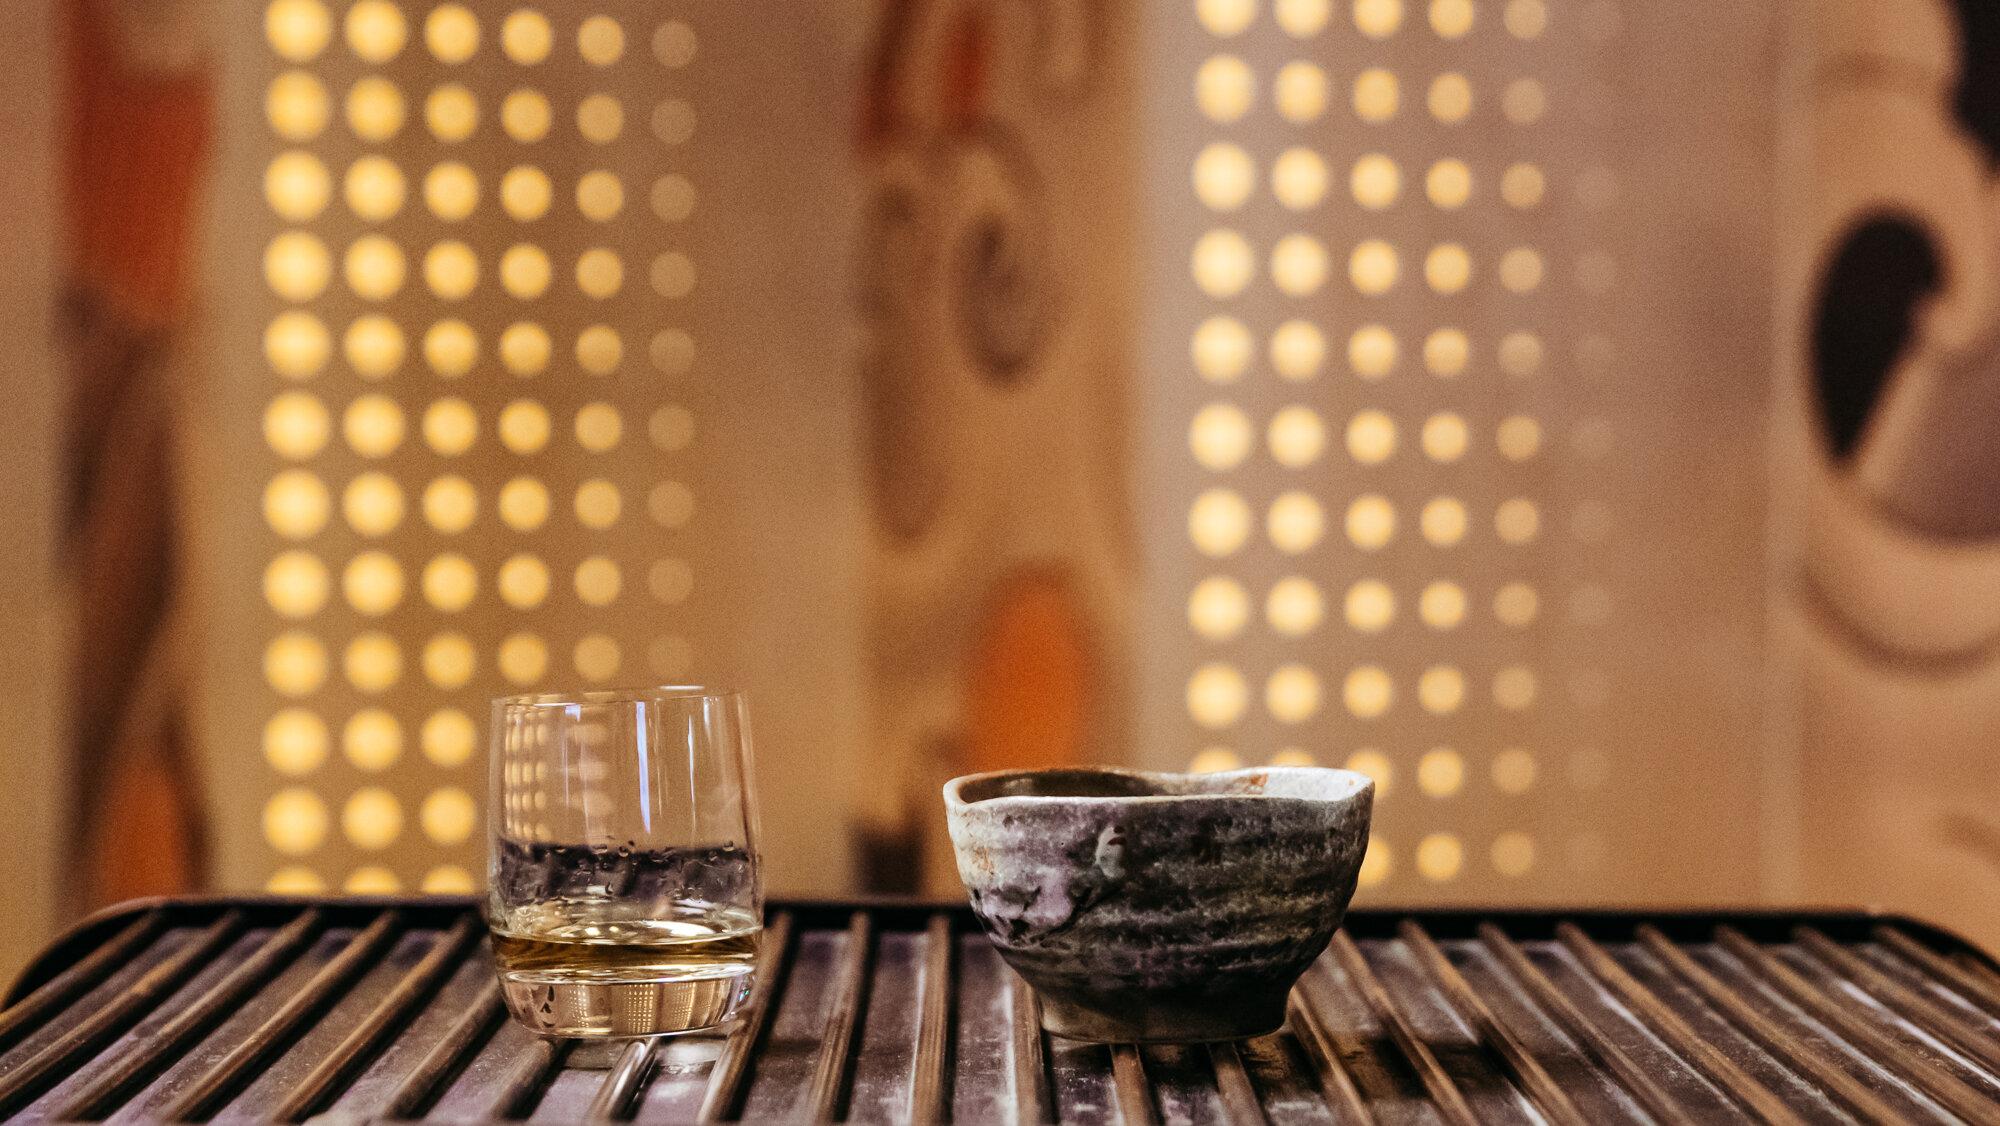 bourbon and ramen bowl closer.jpg